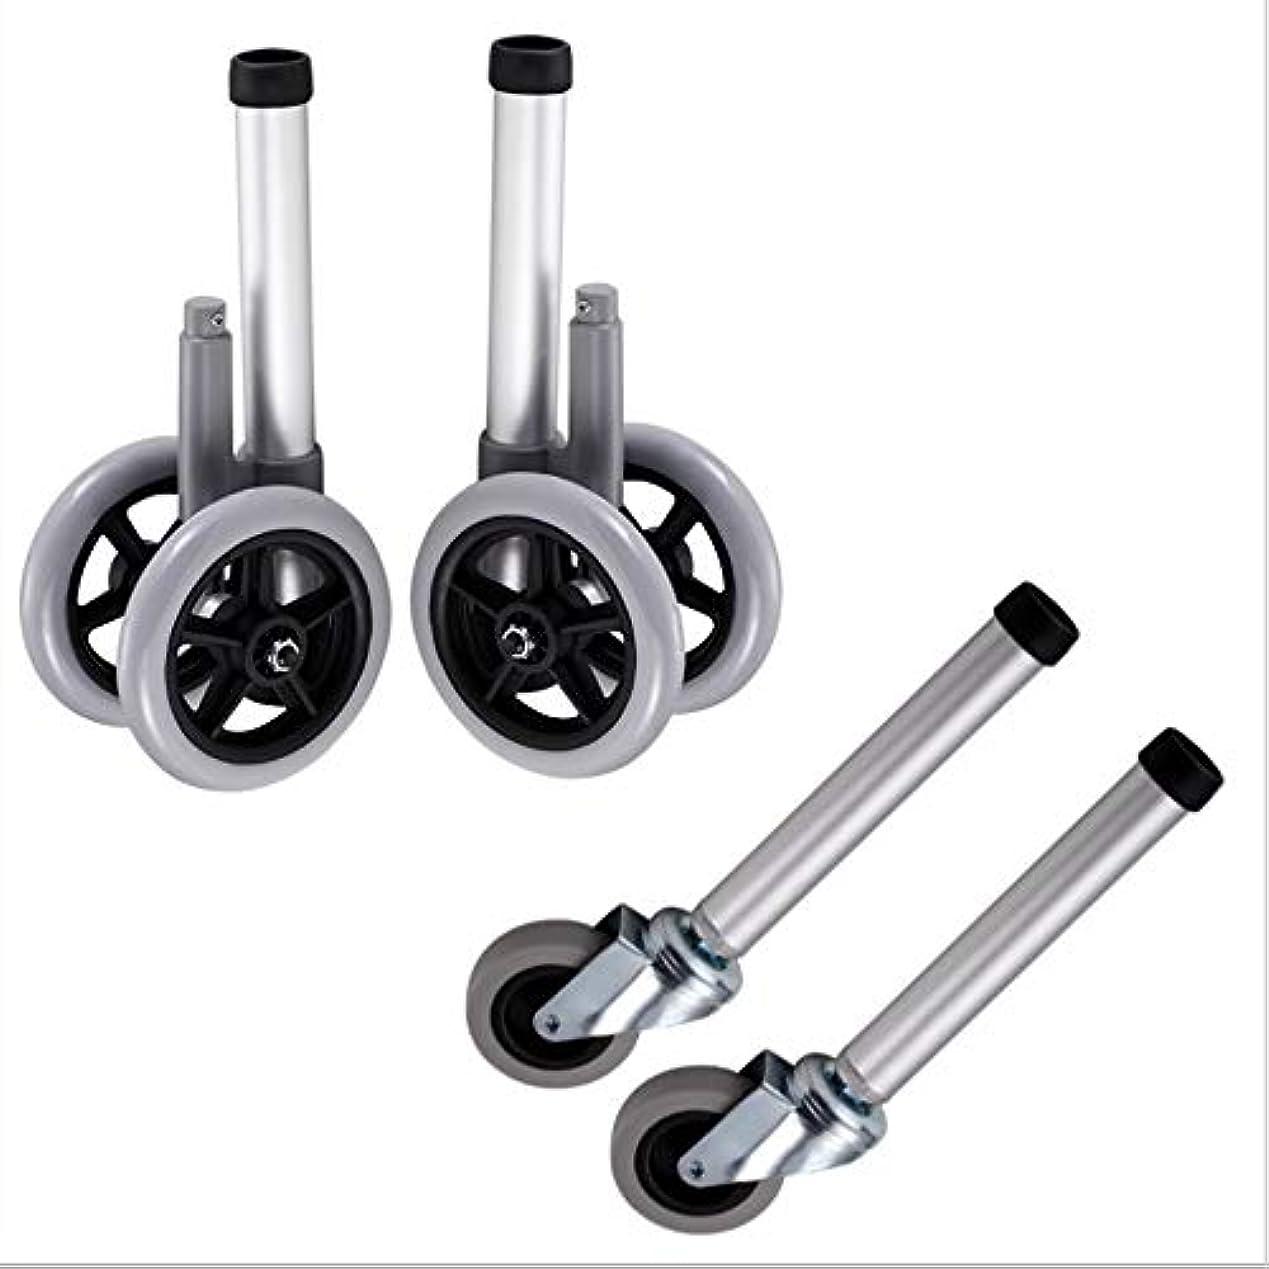 から冷える影響を受けやすいです取り替えの歩くフレームの車輪、耐久の強い合金フレームの車椅子の足車の車輪